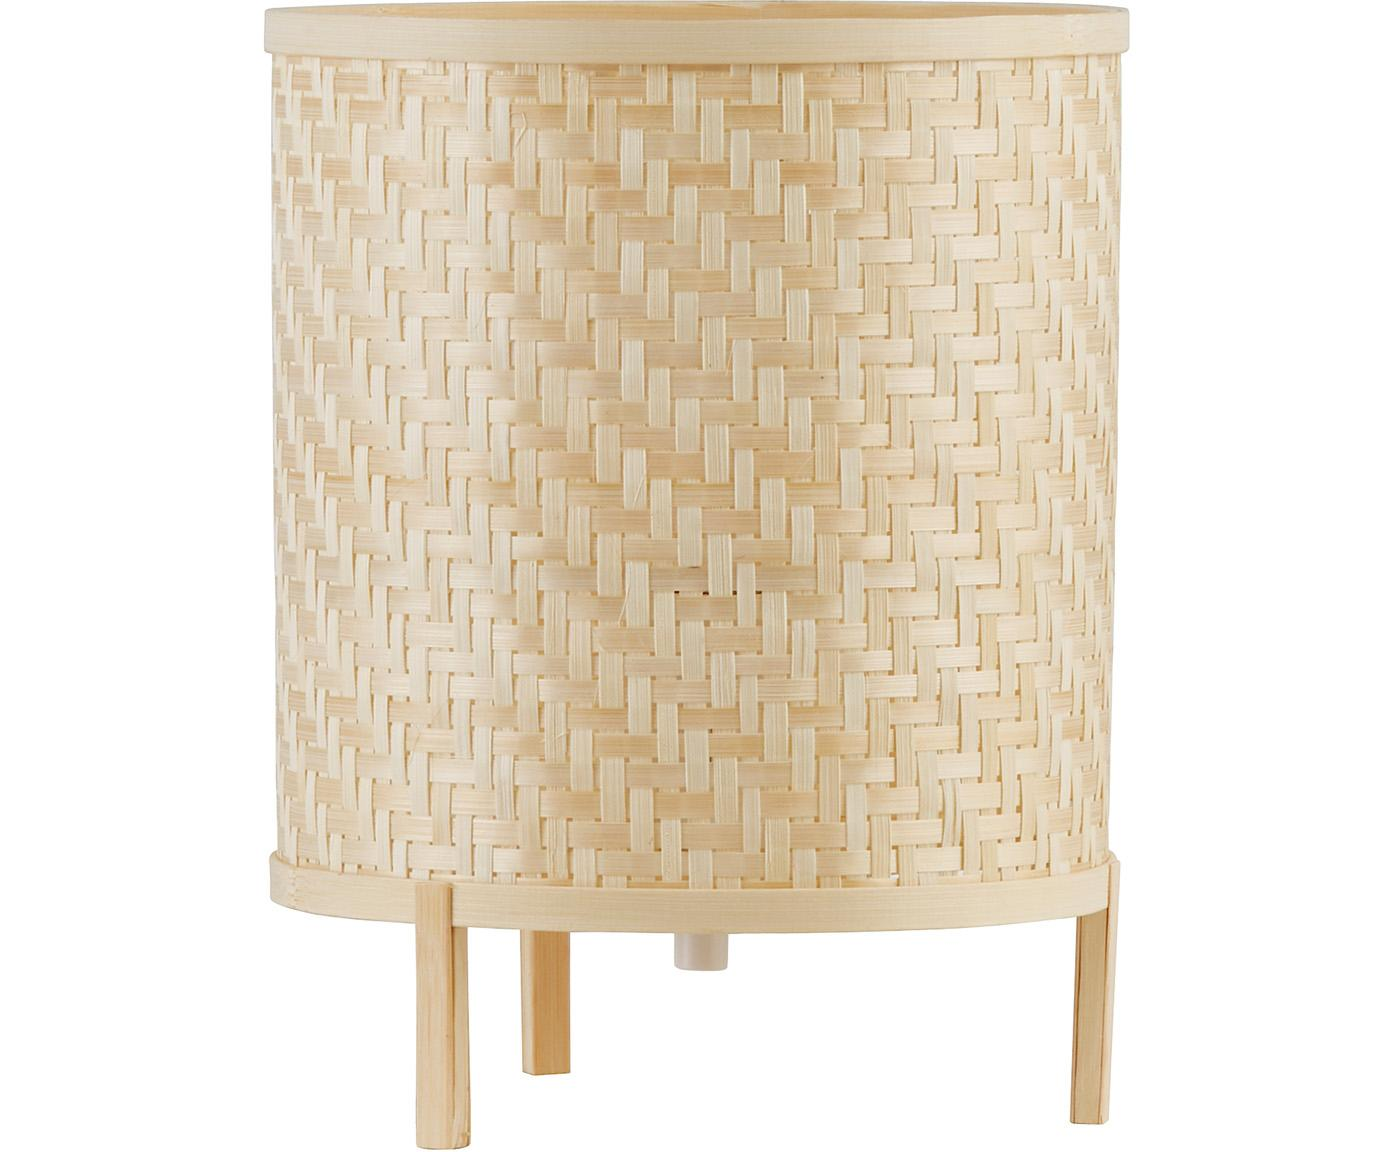 Ethno-Tischlampe Trinidad aus Bambusgeflecht, Lampenschirm: Bambusgeflecht, Braun, Ø 19 x H 27 cm